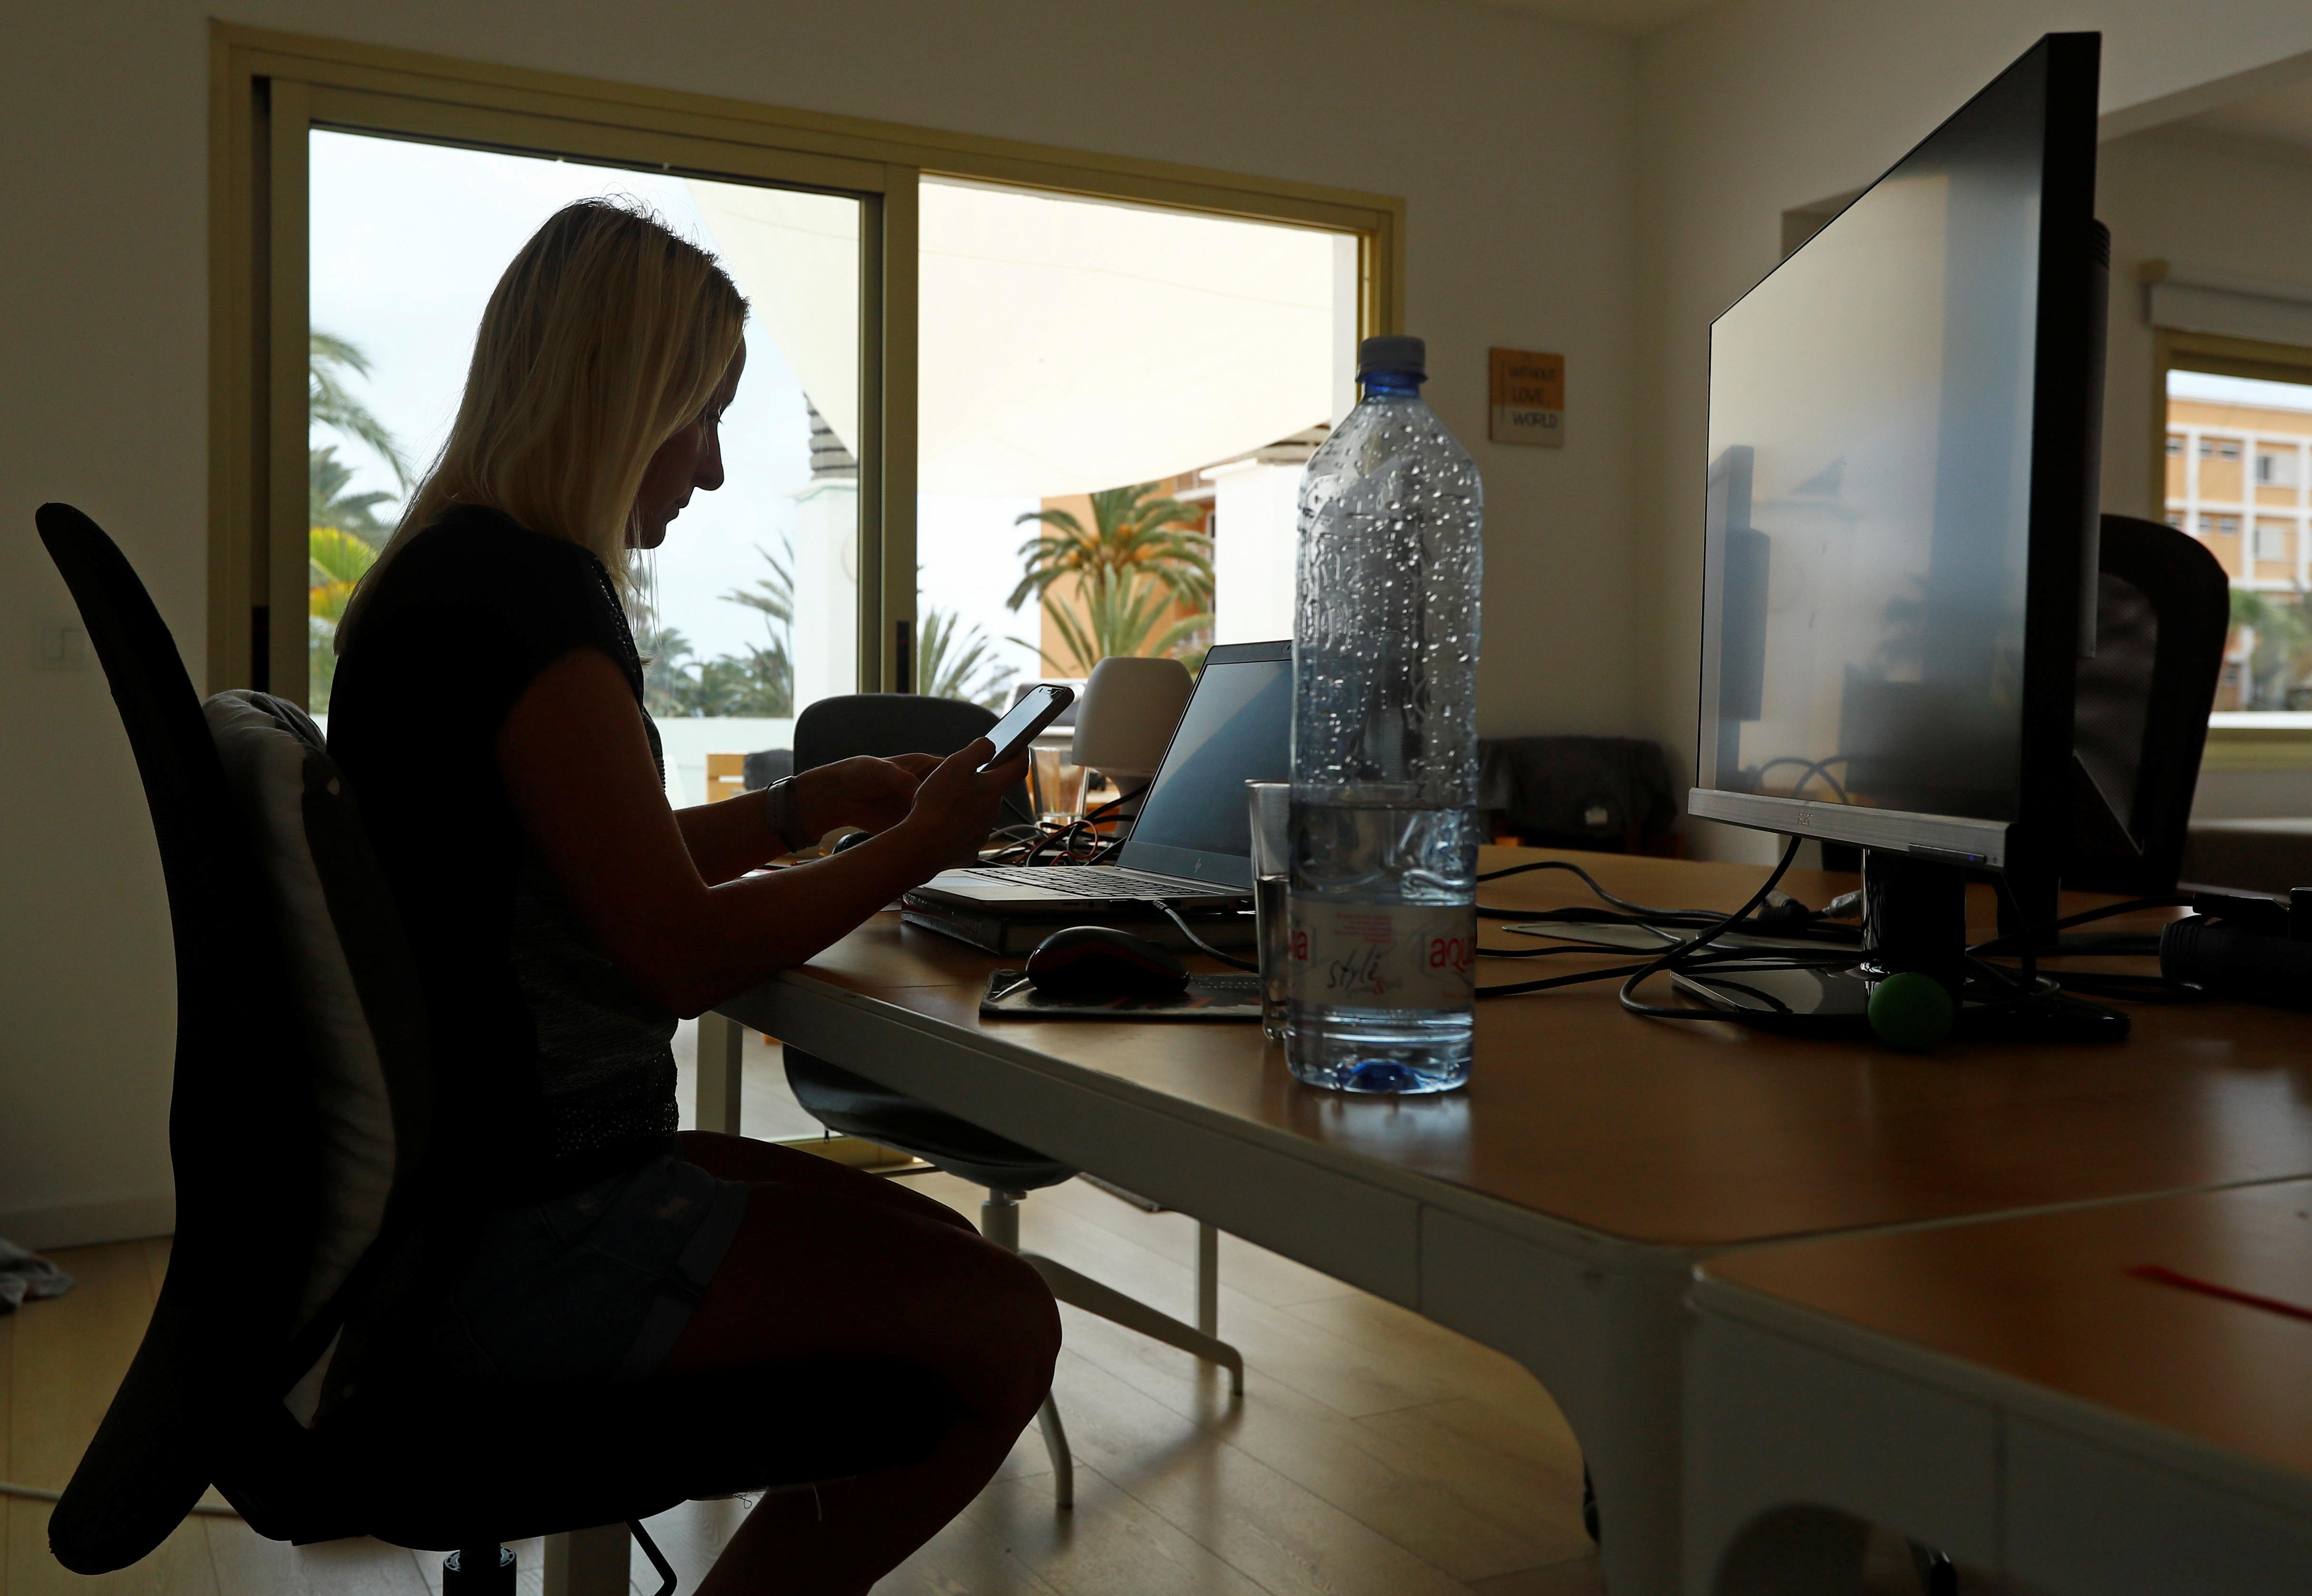 34 gadus vecā Olga Paula no Vācijas strādā attālināti no Laspalmasas de Grankanārijas, koronavīrusa slimības (COVID-19) uzliesmojuma laikā, Grankanārijā, Spānijā, 23. gada 2021. jūlijā. Attēls uzņemts 23. gada 2021. jūlijā. REUTERS/ Borja Suaress